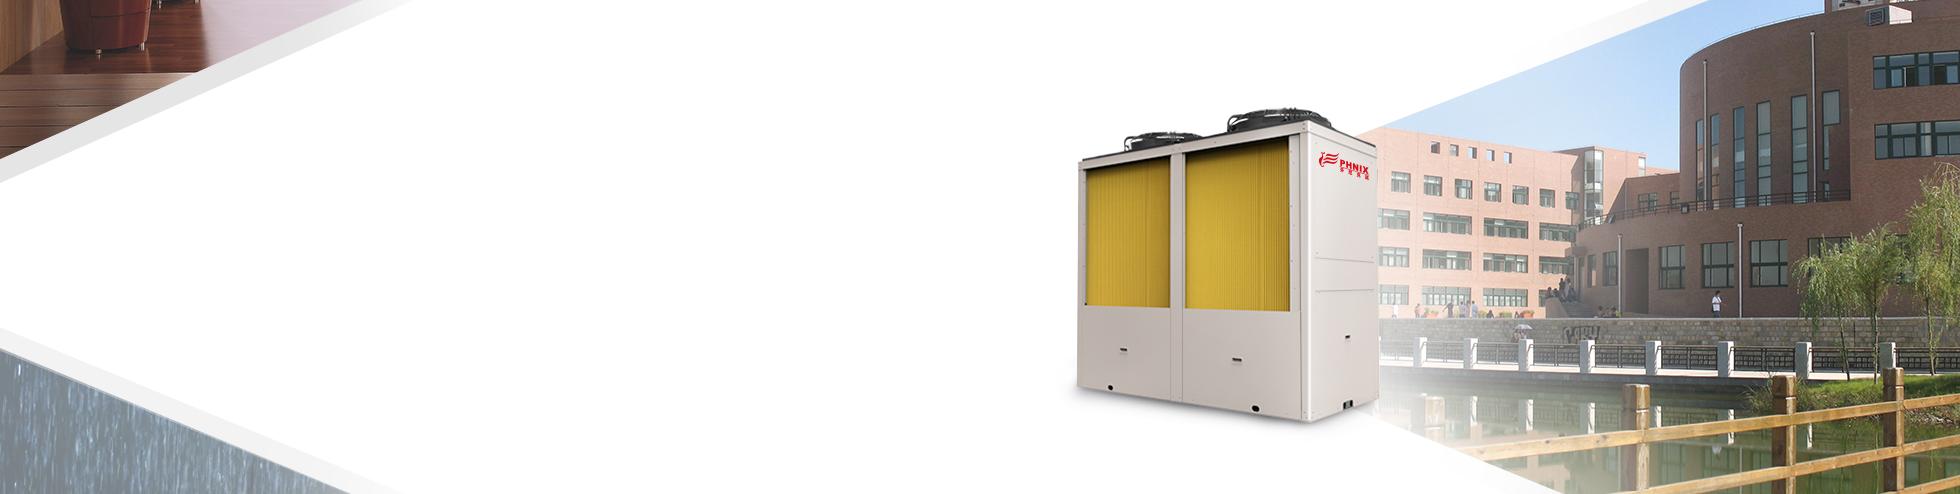 风冷模块热泵+模块三联供:专业提供中央热水、中央空调、中央新万博手机客户端工程空气能机组,合搭配,极大地节省了初投资